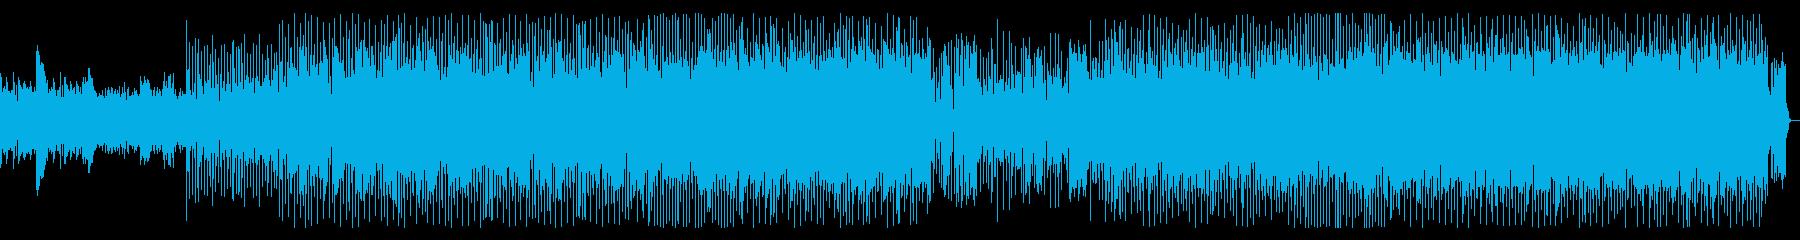 Disco music パーティチューンの再生済みの波形